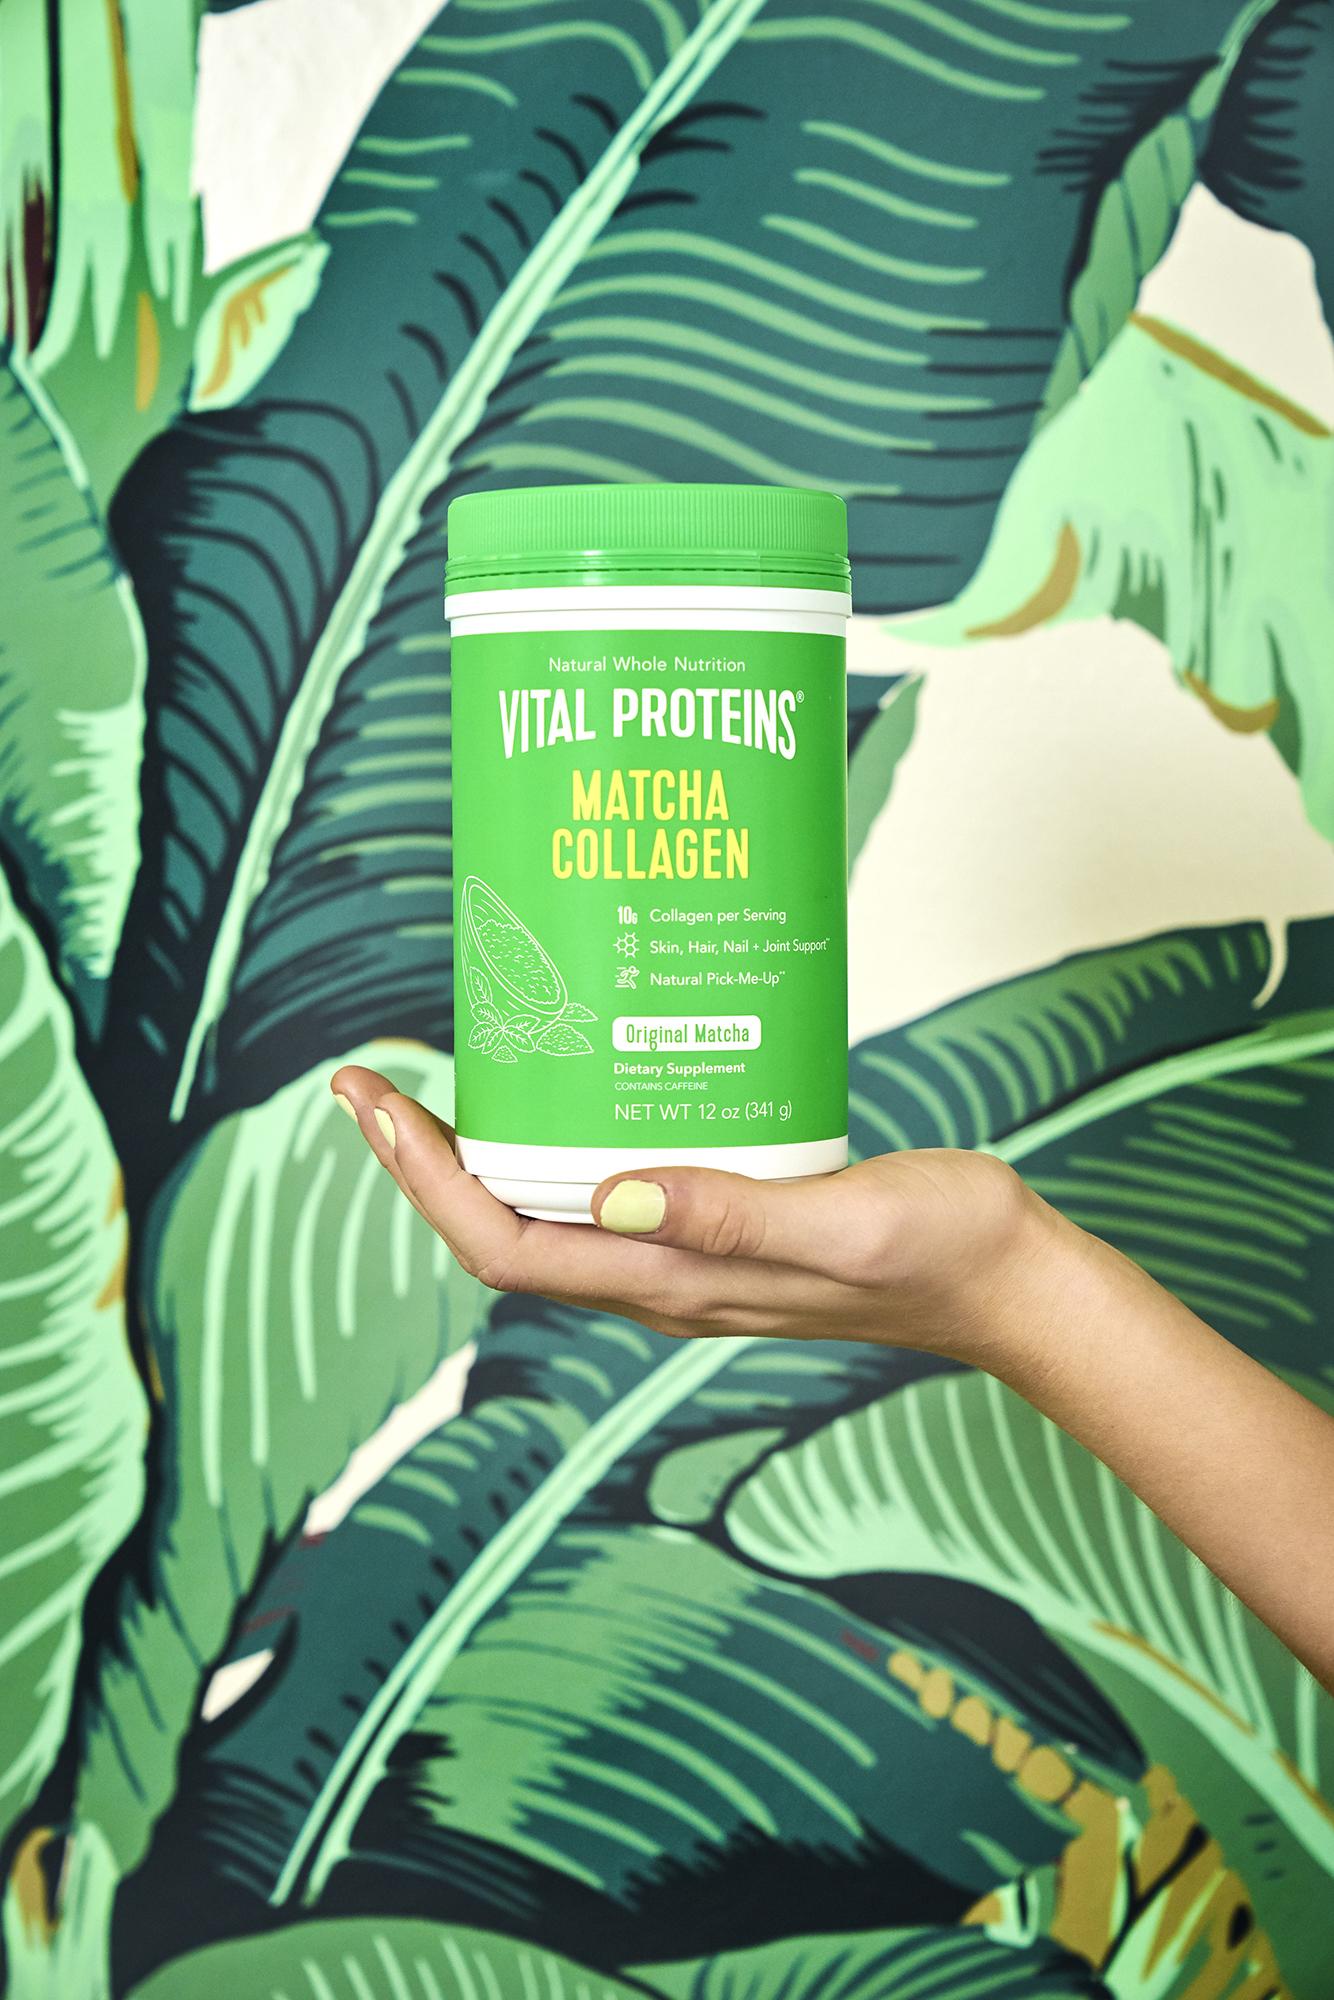 vital-proteins-matcha-collagen.jpg